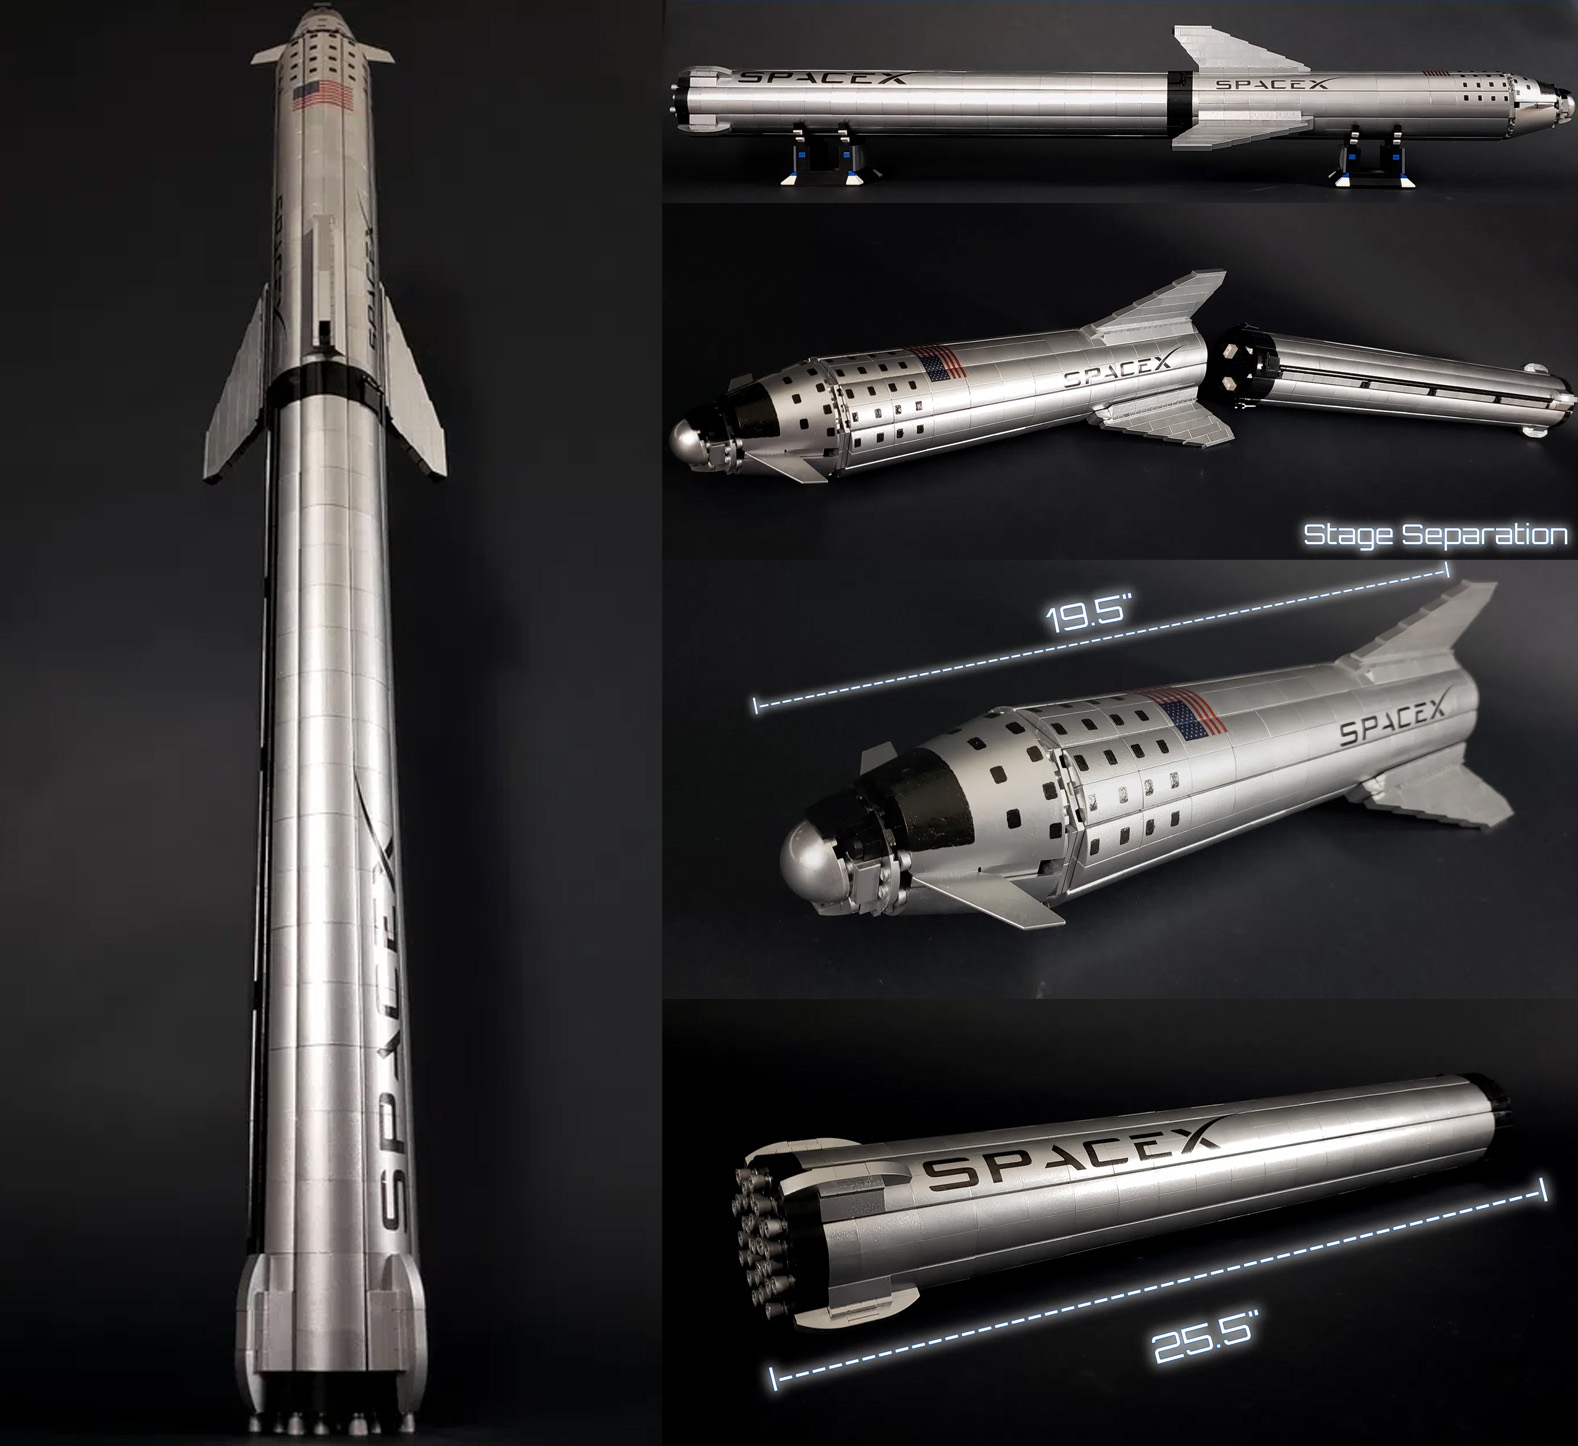 レゴアイデアで『スペースXスターシップとスーパー・ヘビー(BFR)』が製品化レビュー進出!2021年第1回1万サポート獲得デザイン紹介